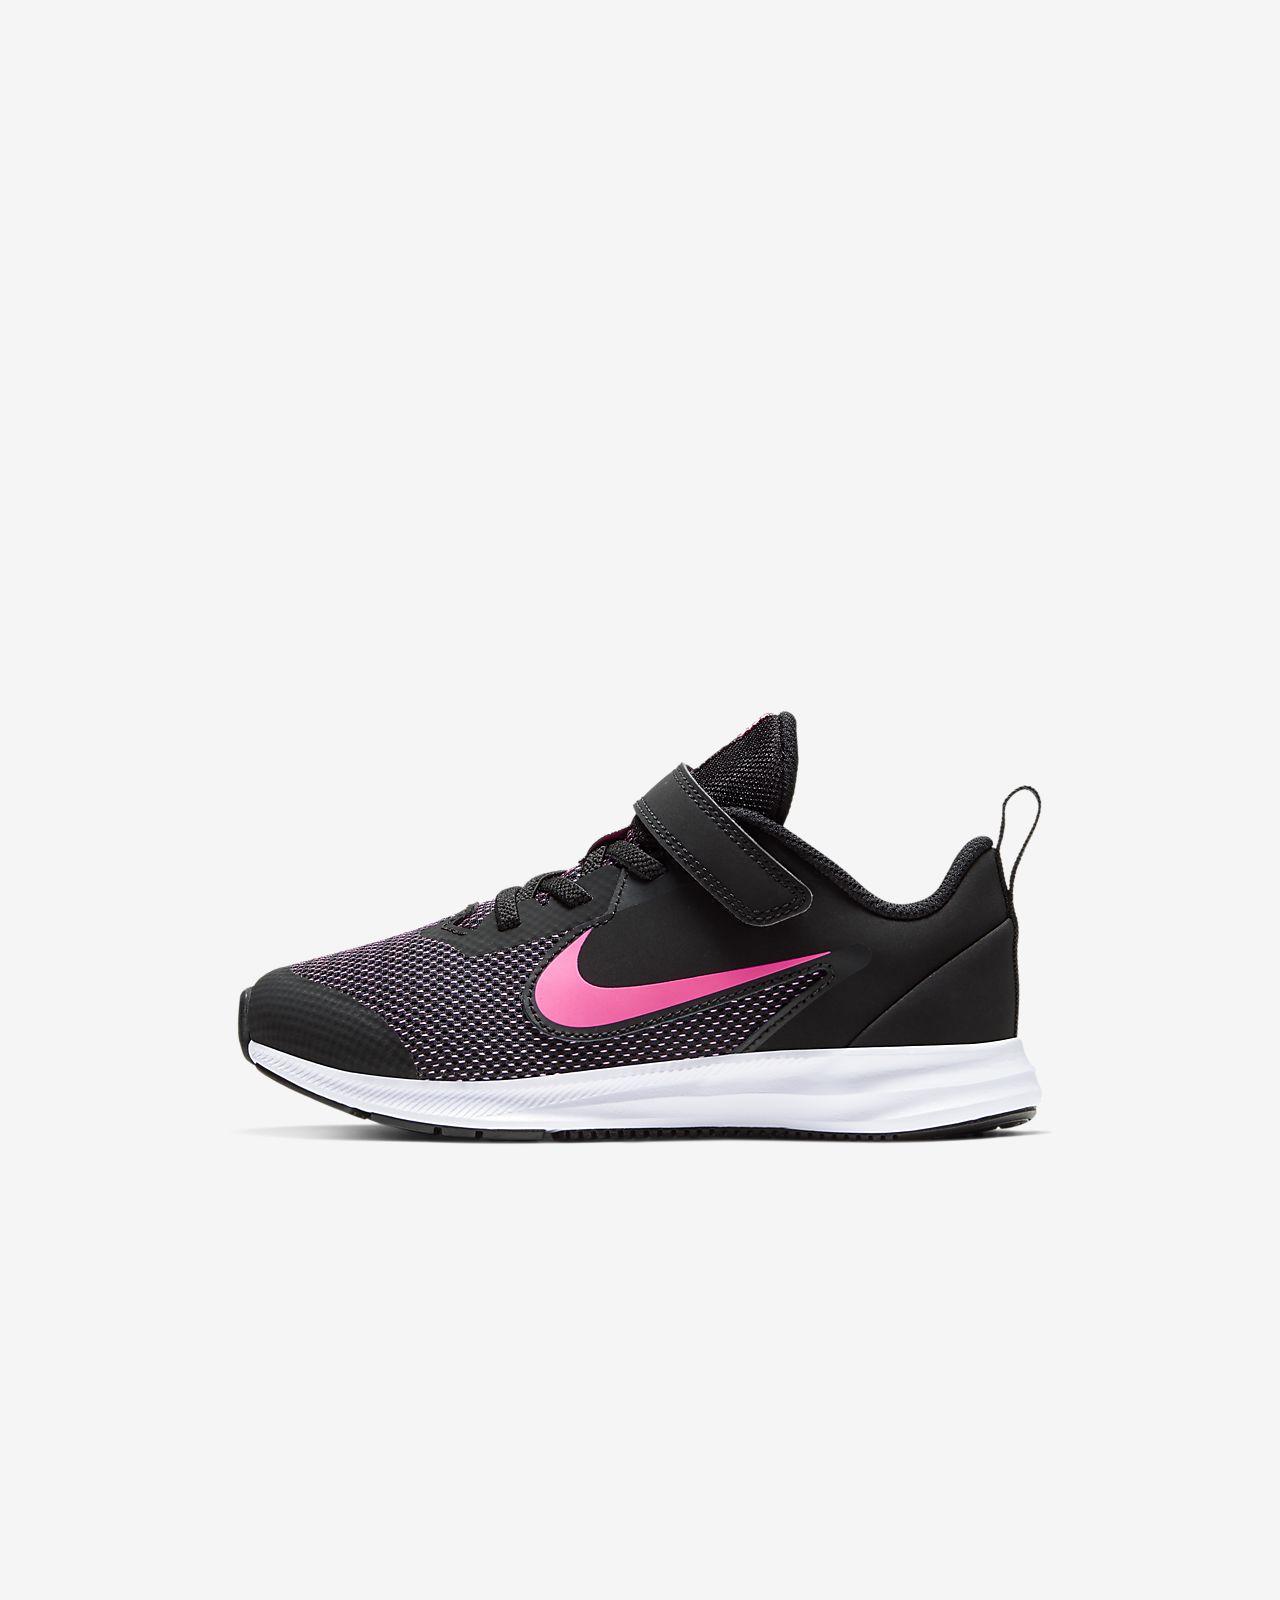 Nike Downshifter 9 cipő gyerekeknek